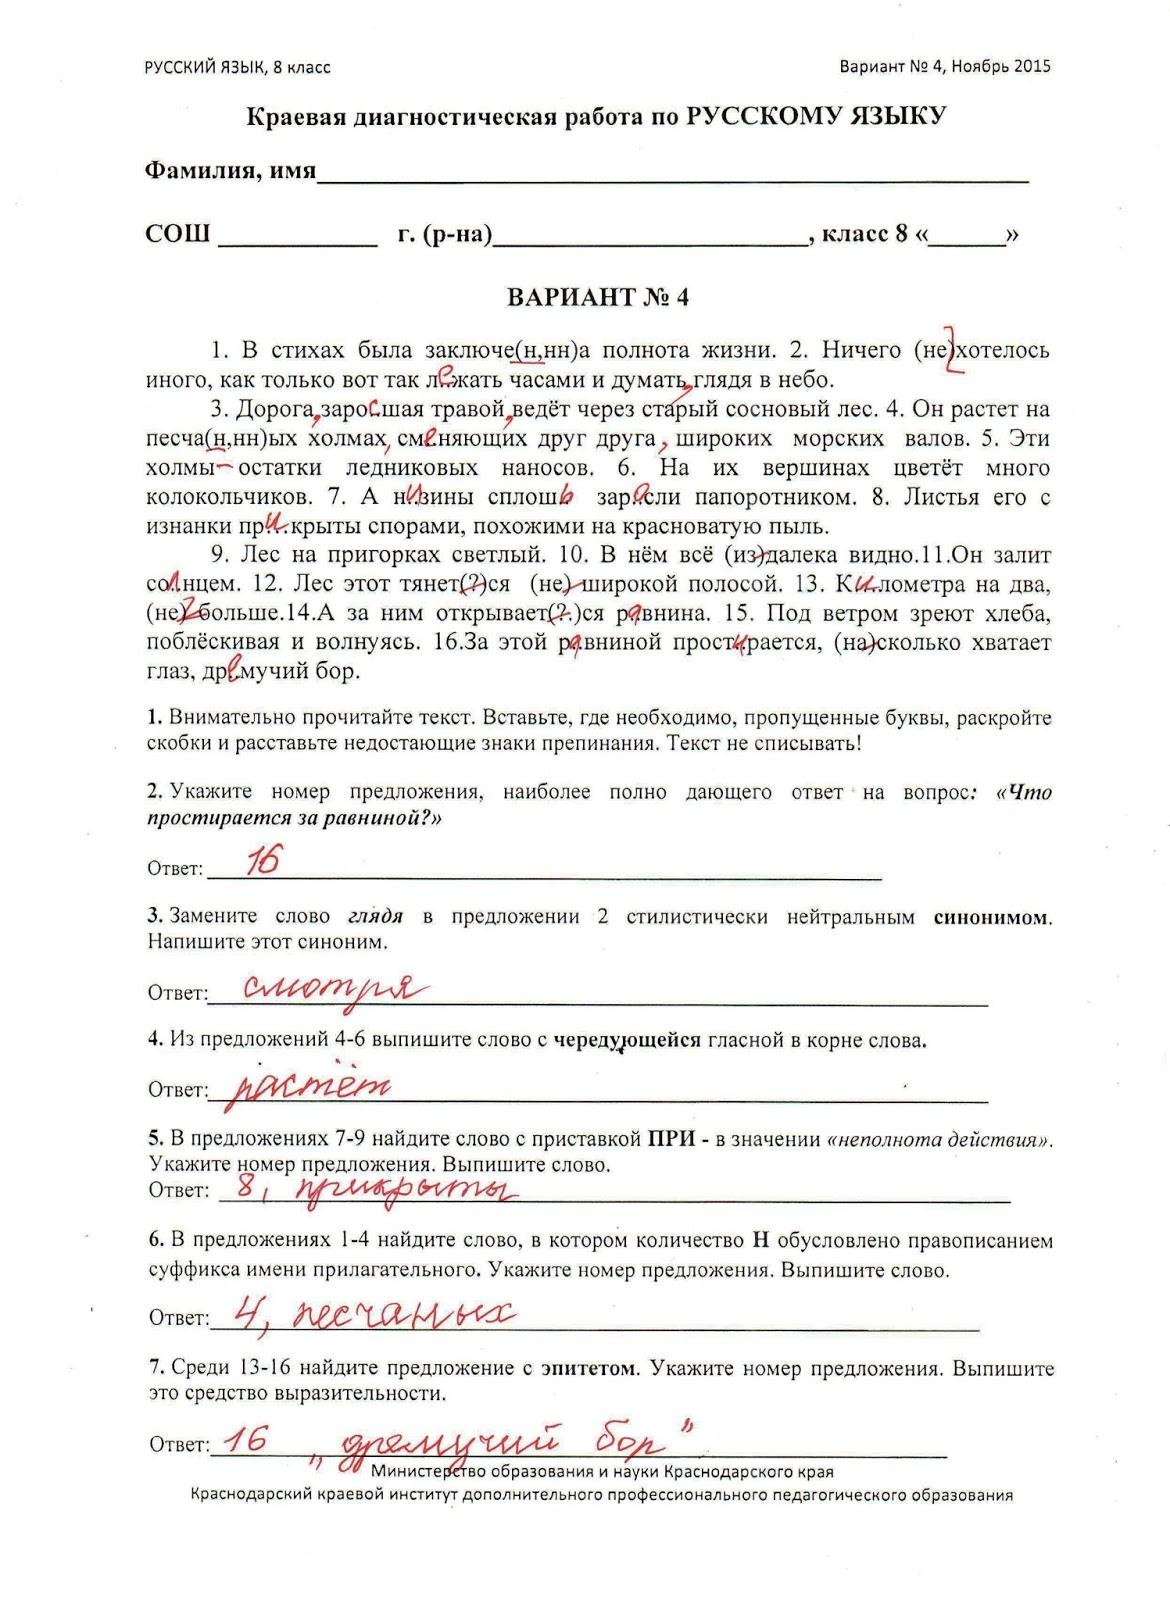 Как найти ответы на диагностику по русскому 9класс 27ноября